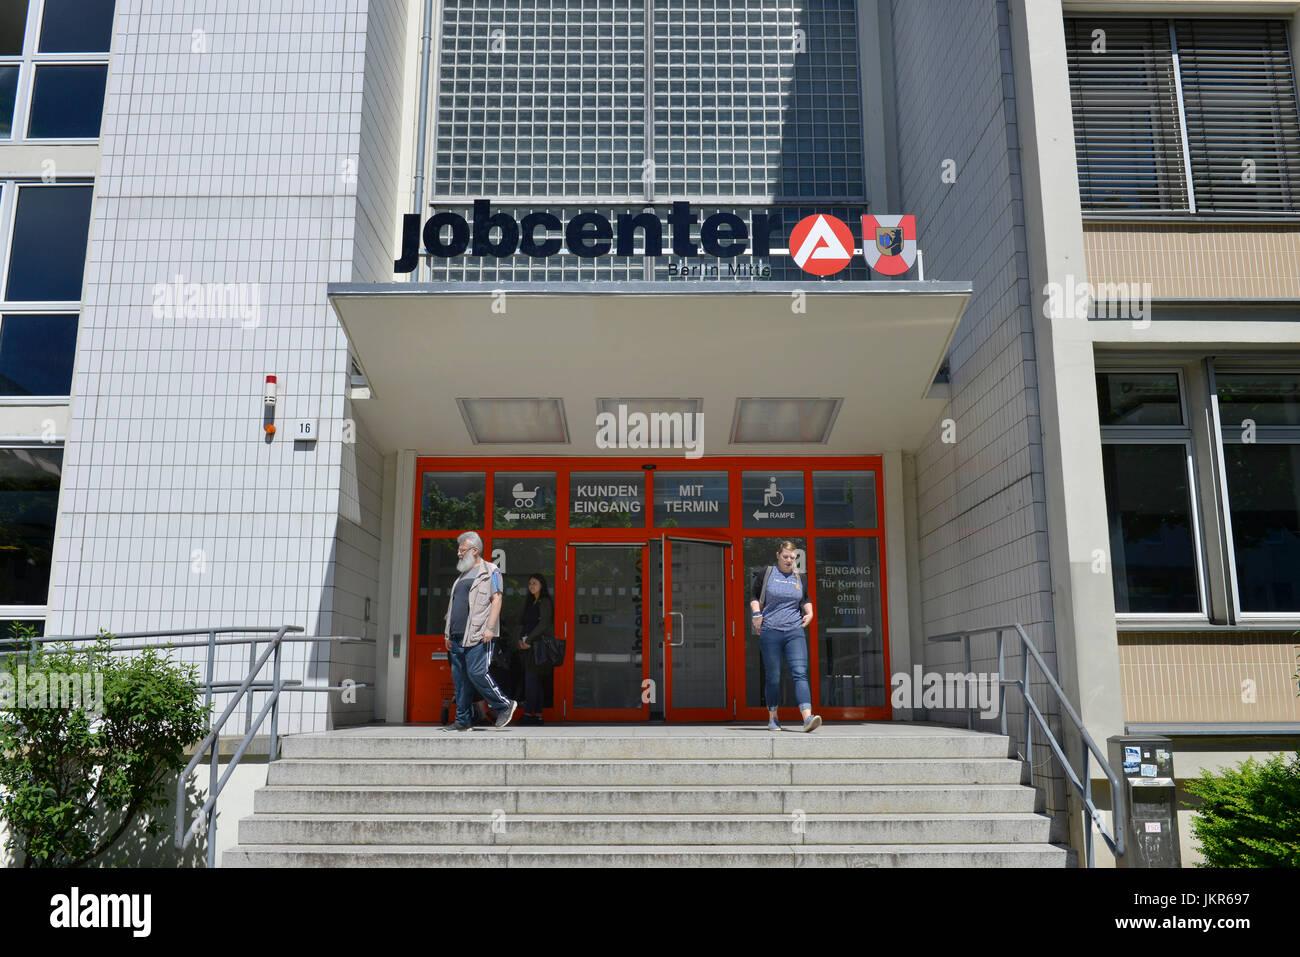 Job centre, M?llerstrasse, Wedding, middle, Berlin, Germany, Jobcenter, Muellerstrasse, Mitte, Deutschland - Stock Image